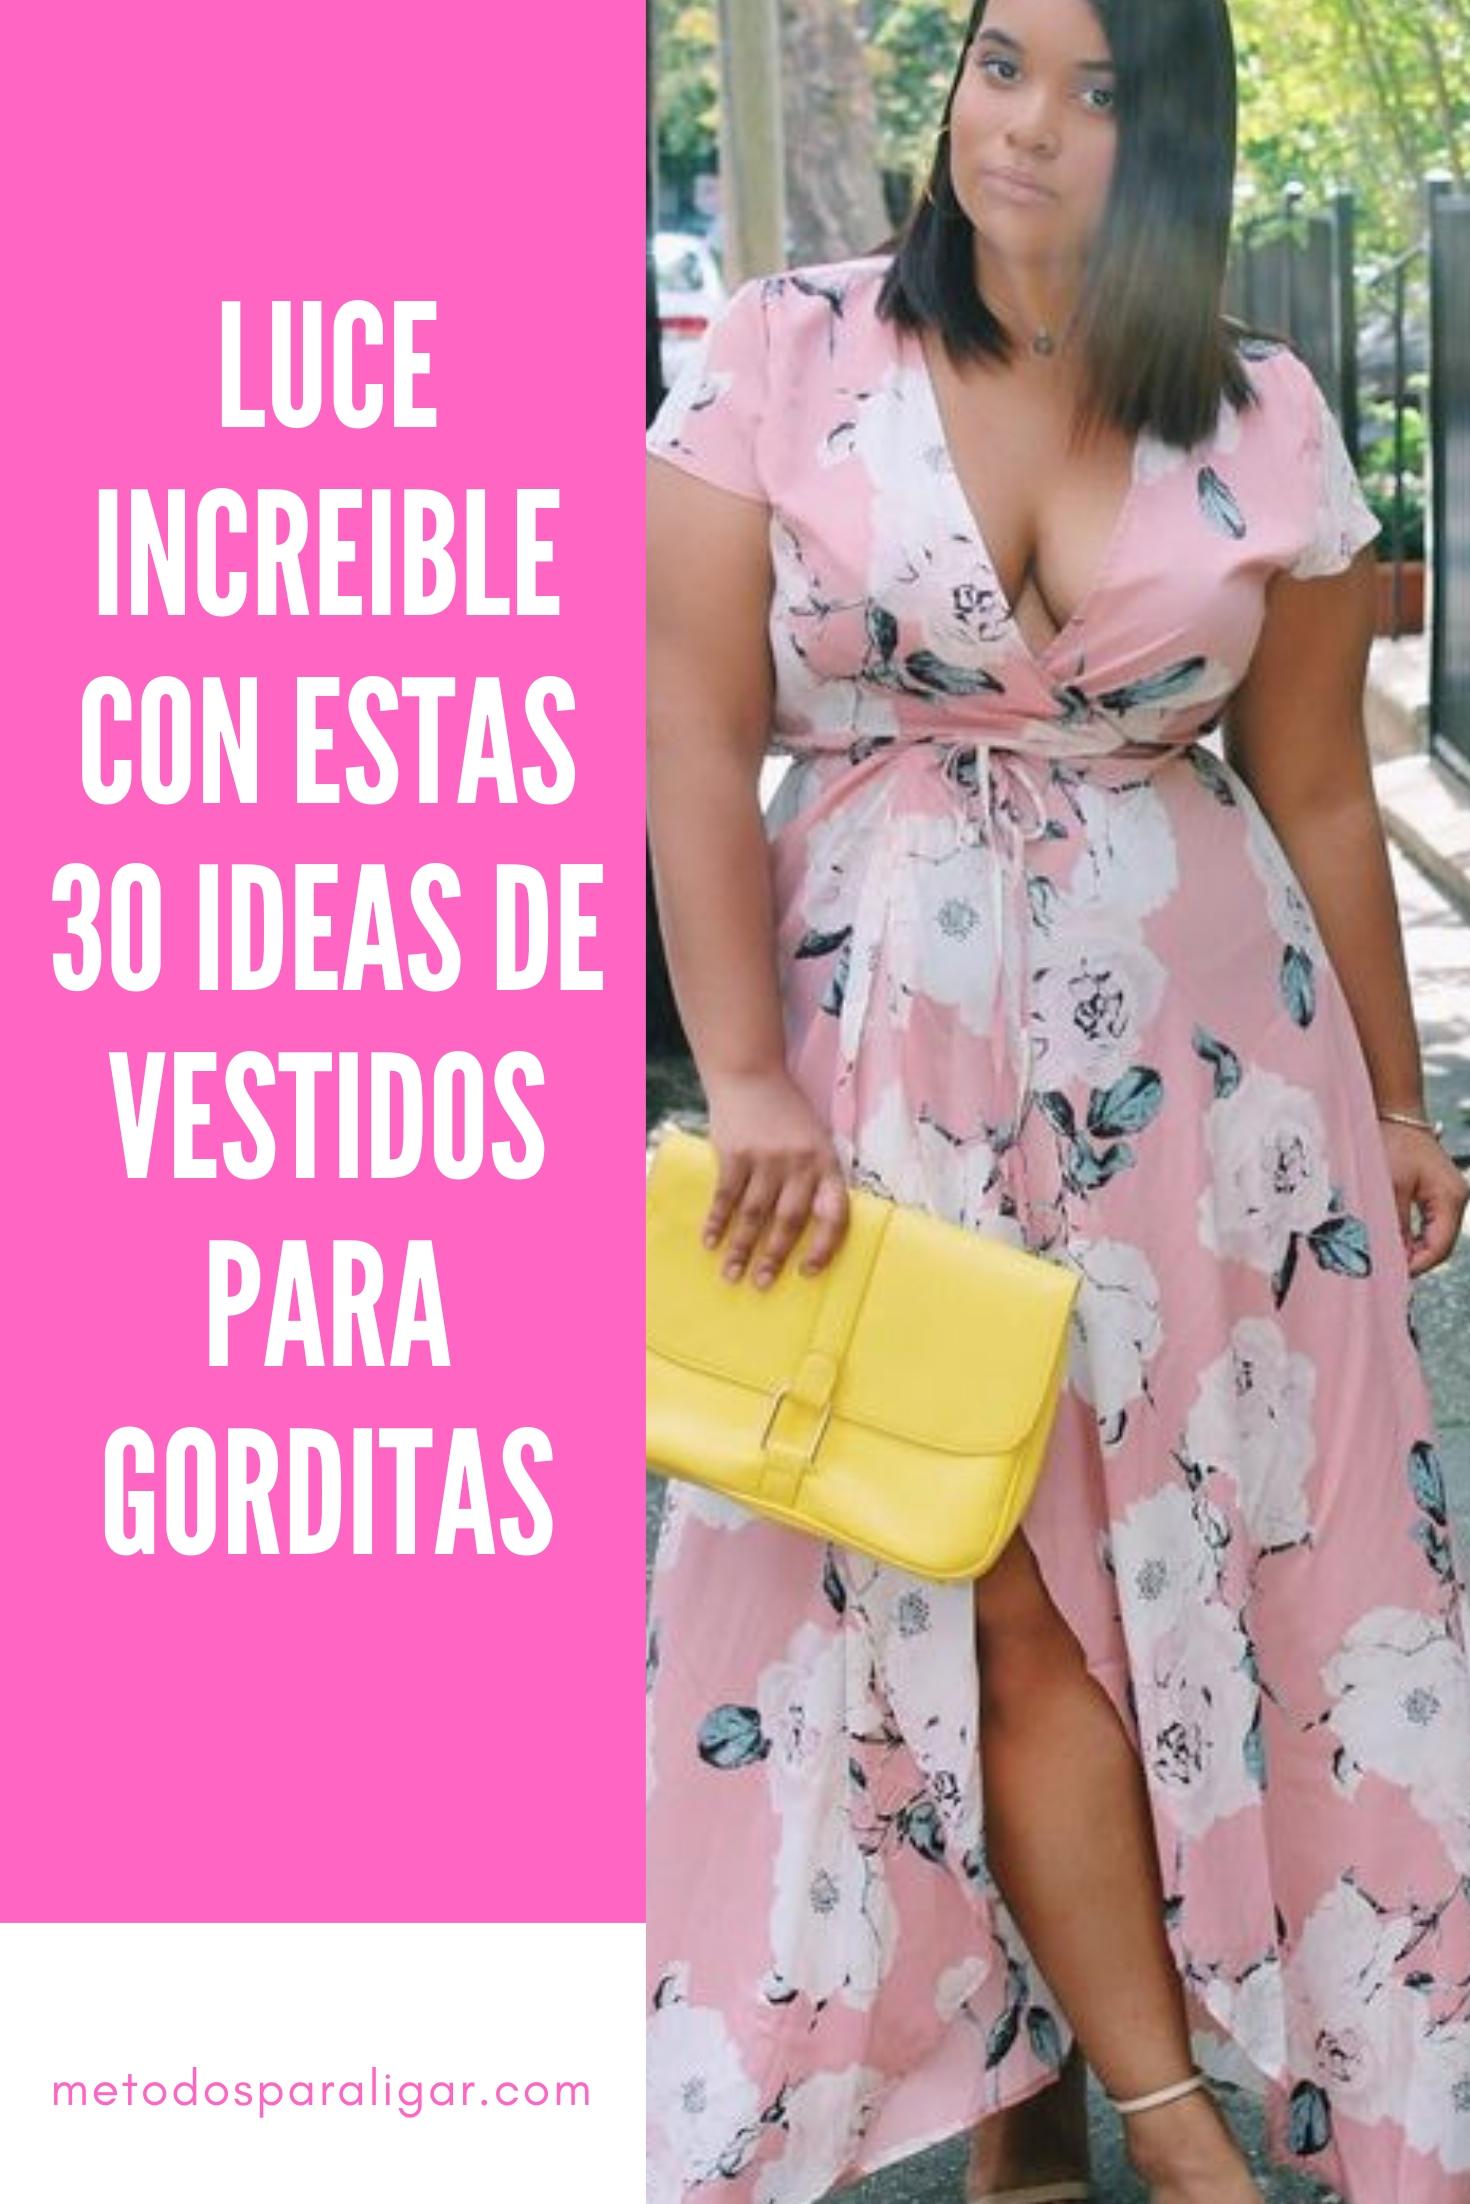 30 Ideas De Cómo Usar Vestidos Largos Para Gorditas Que Te